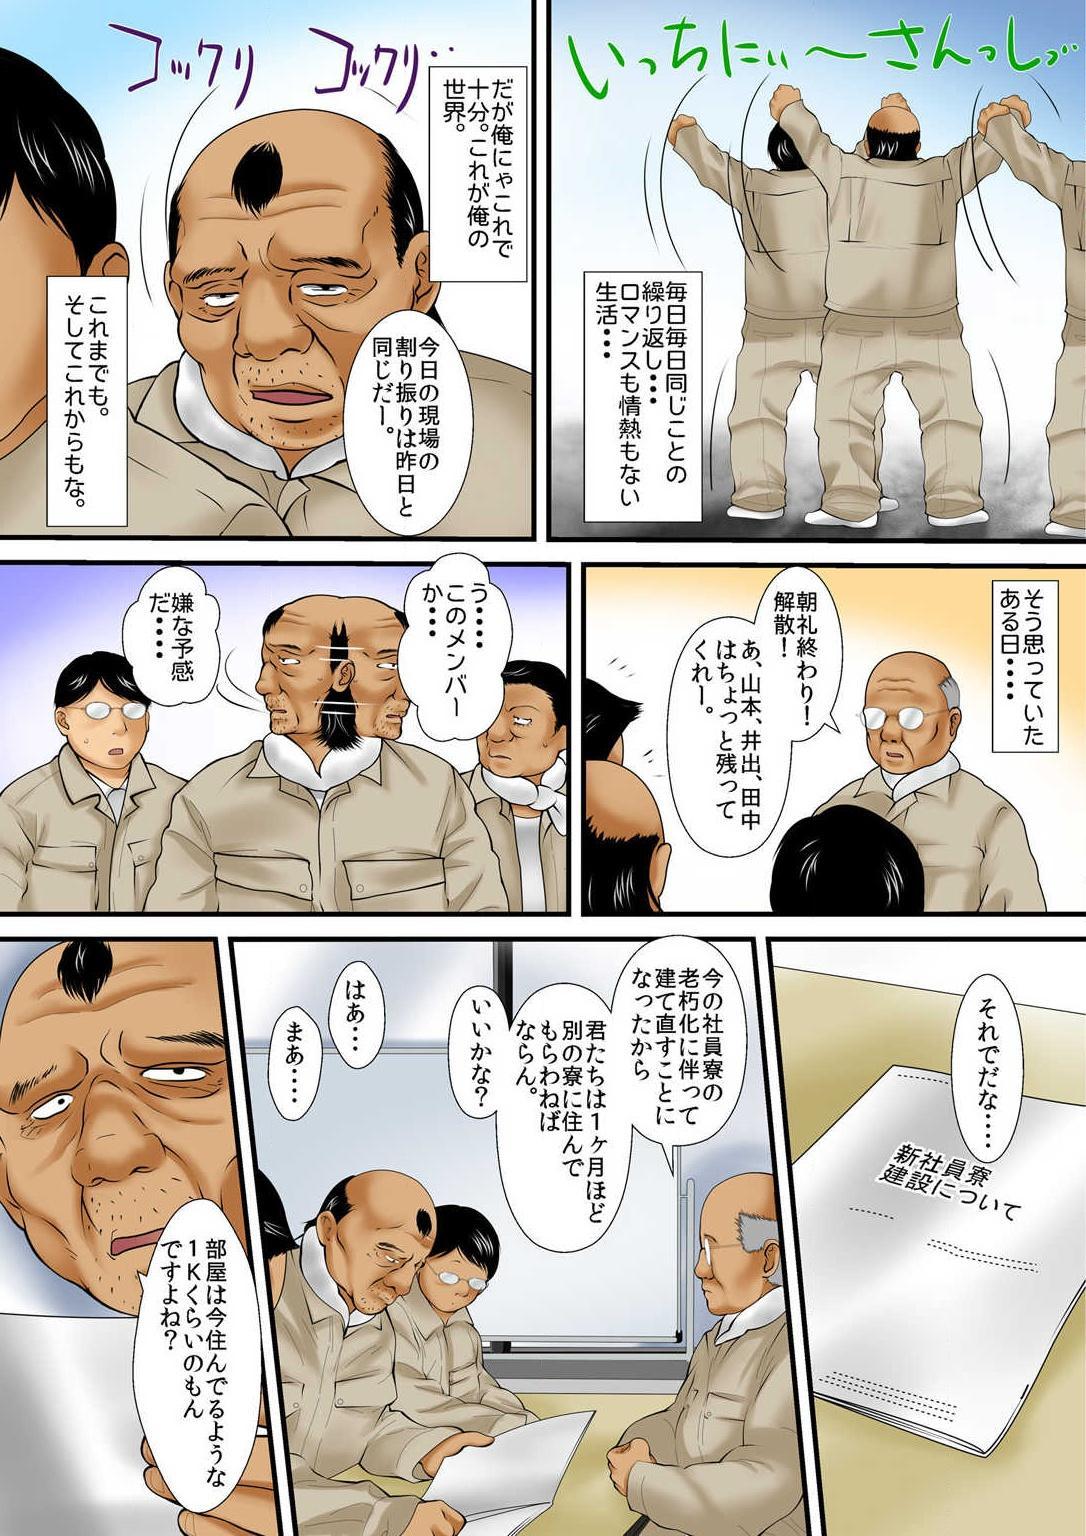 Zetsurin Oyaji ga Joshiryou de ~Sonna ni Dashitara Ninshin shichau!! 1 4